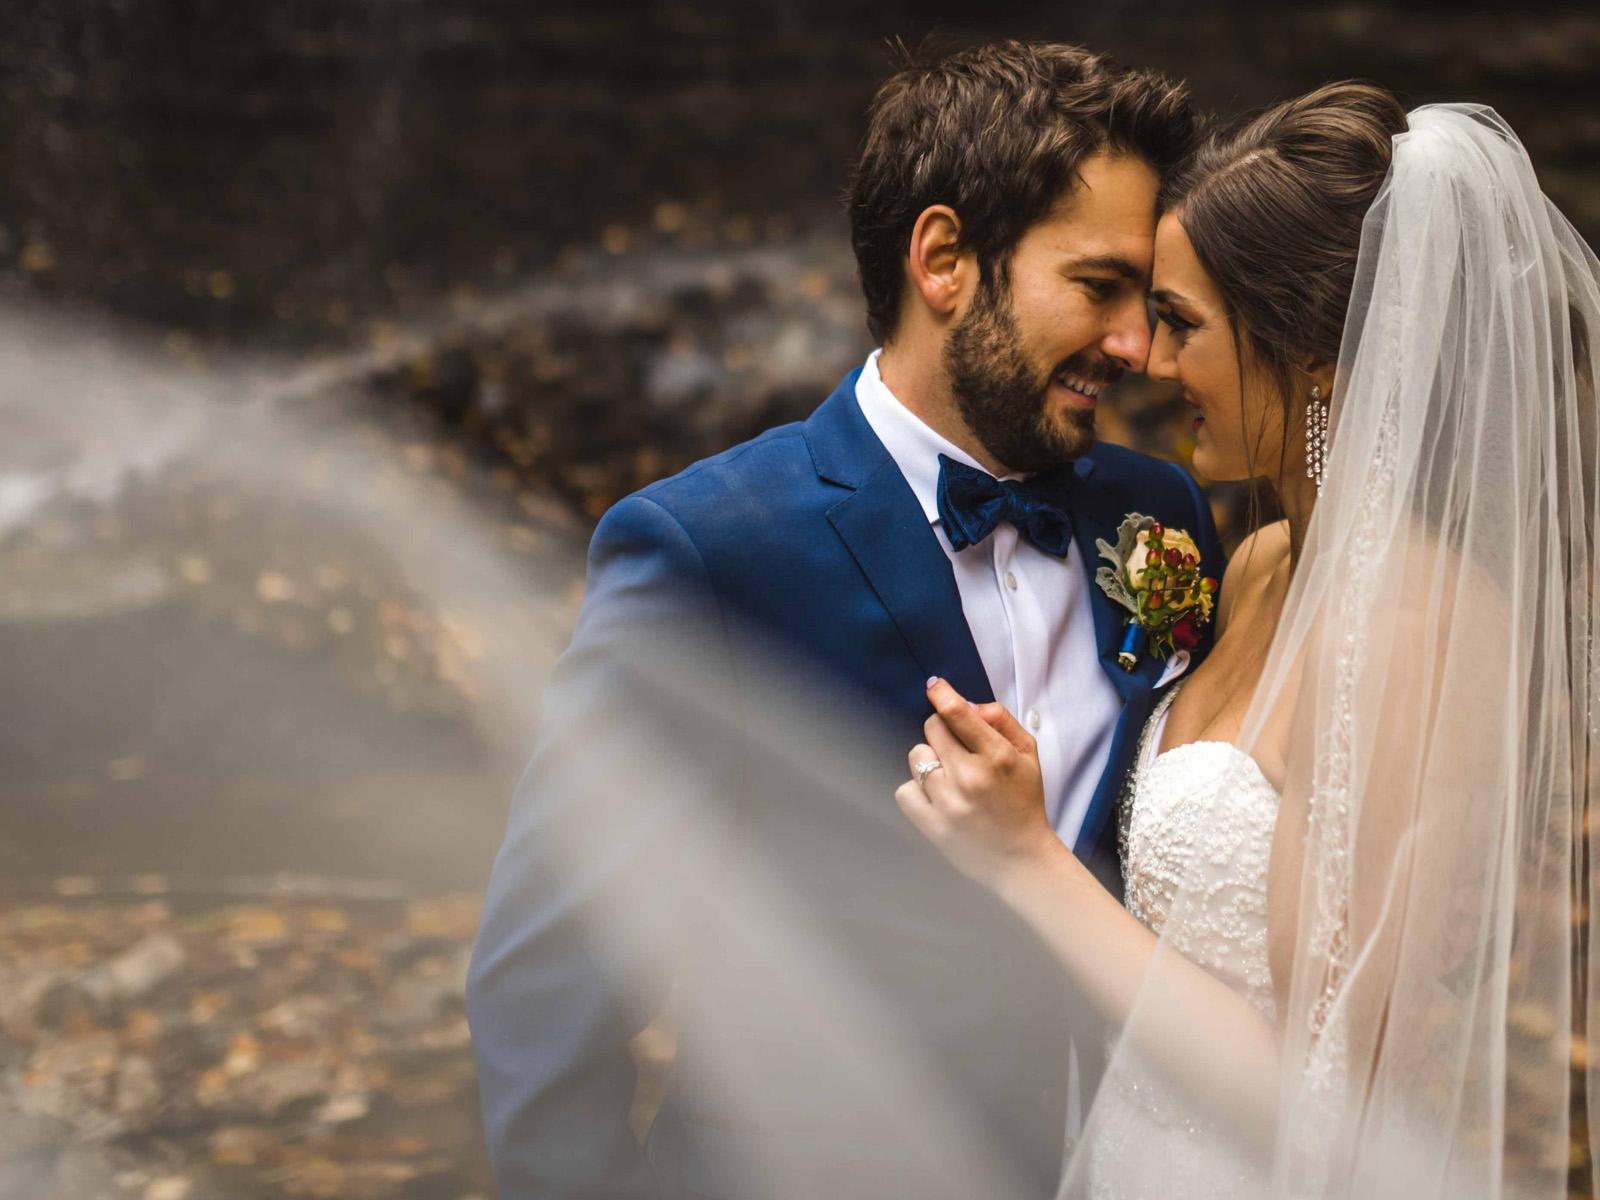 Hush HushSignature Collection - 2020 Weddings